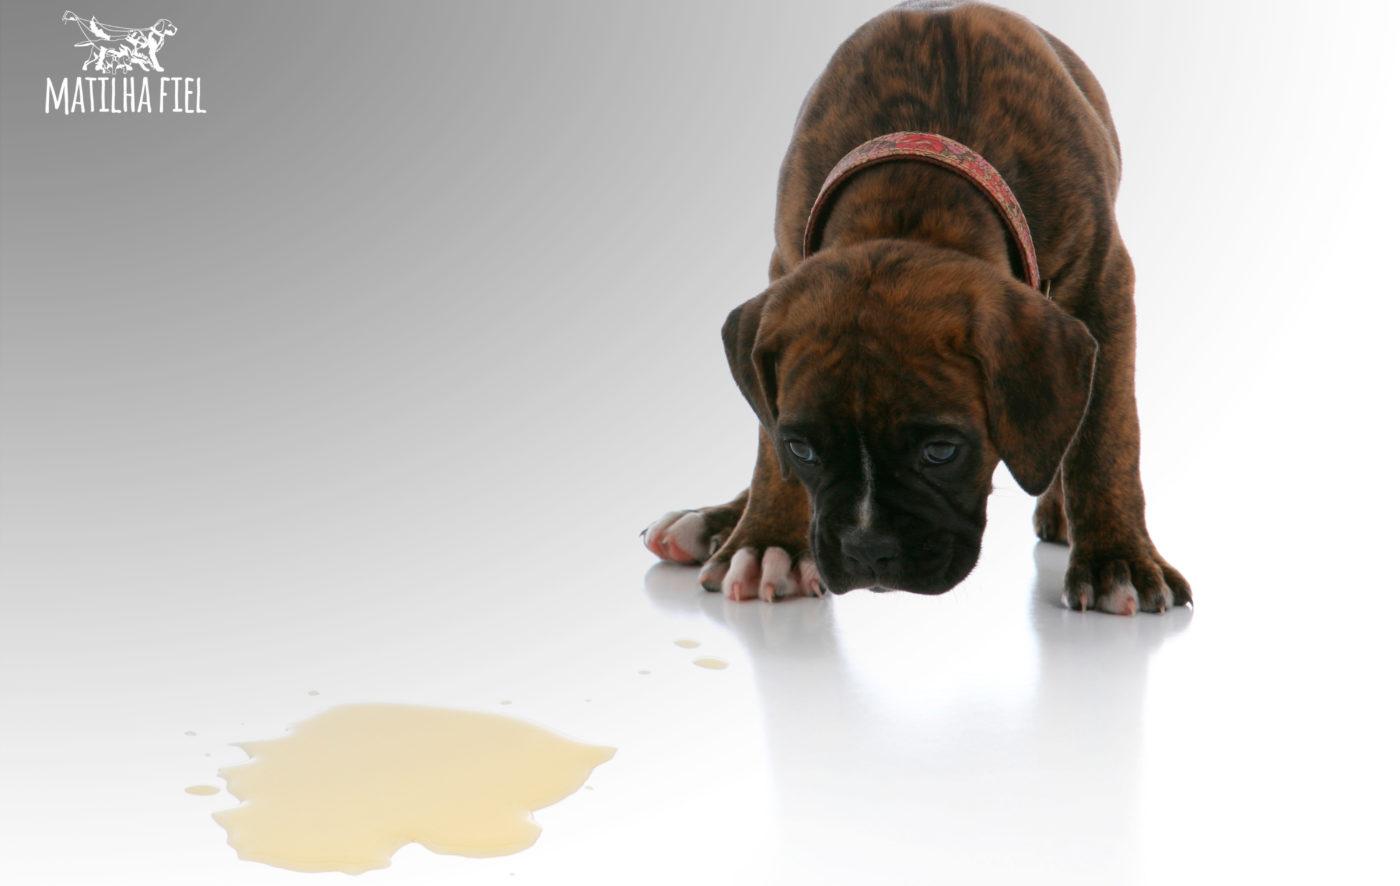 Xixi de Cachorro - Elimine o cheiro. Saiba como.